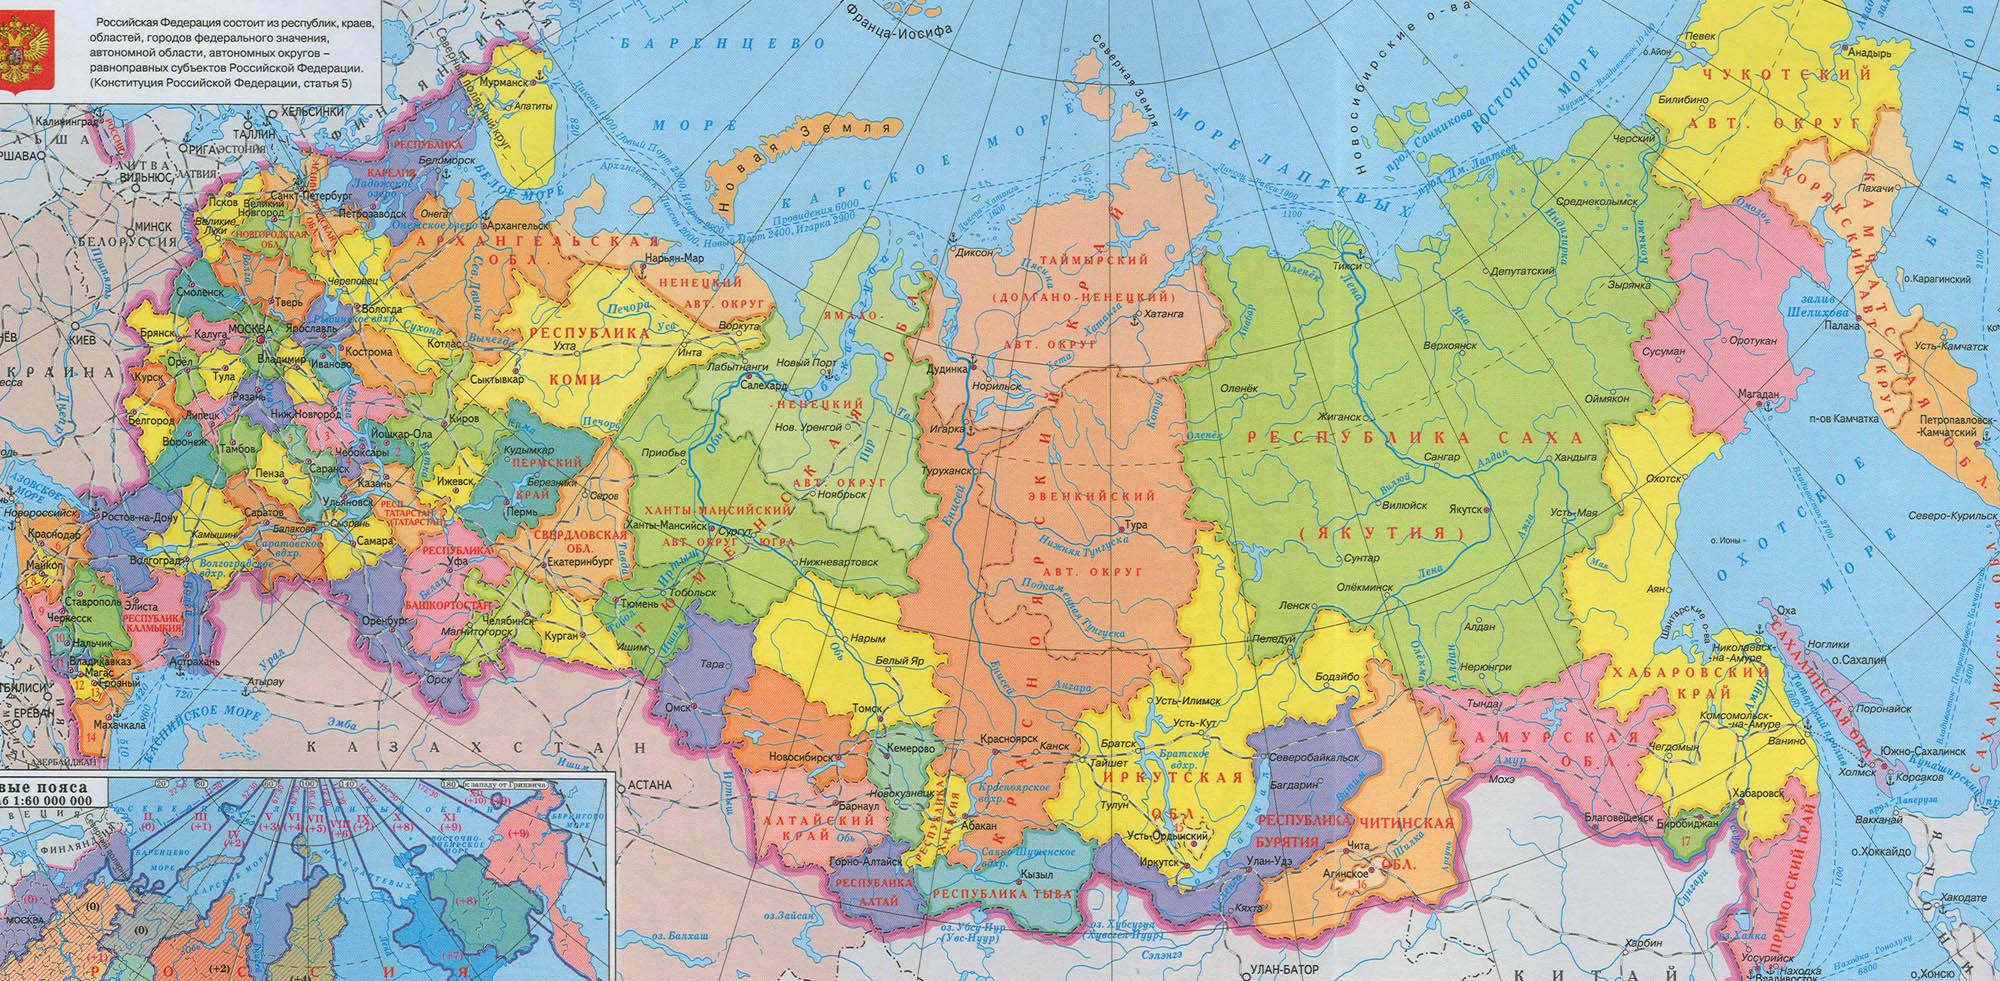 Карта черноморского побережья России  Инфокарт  все